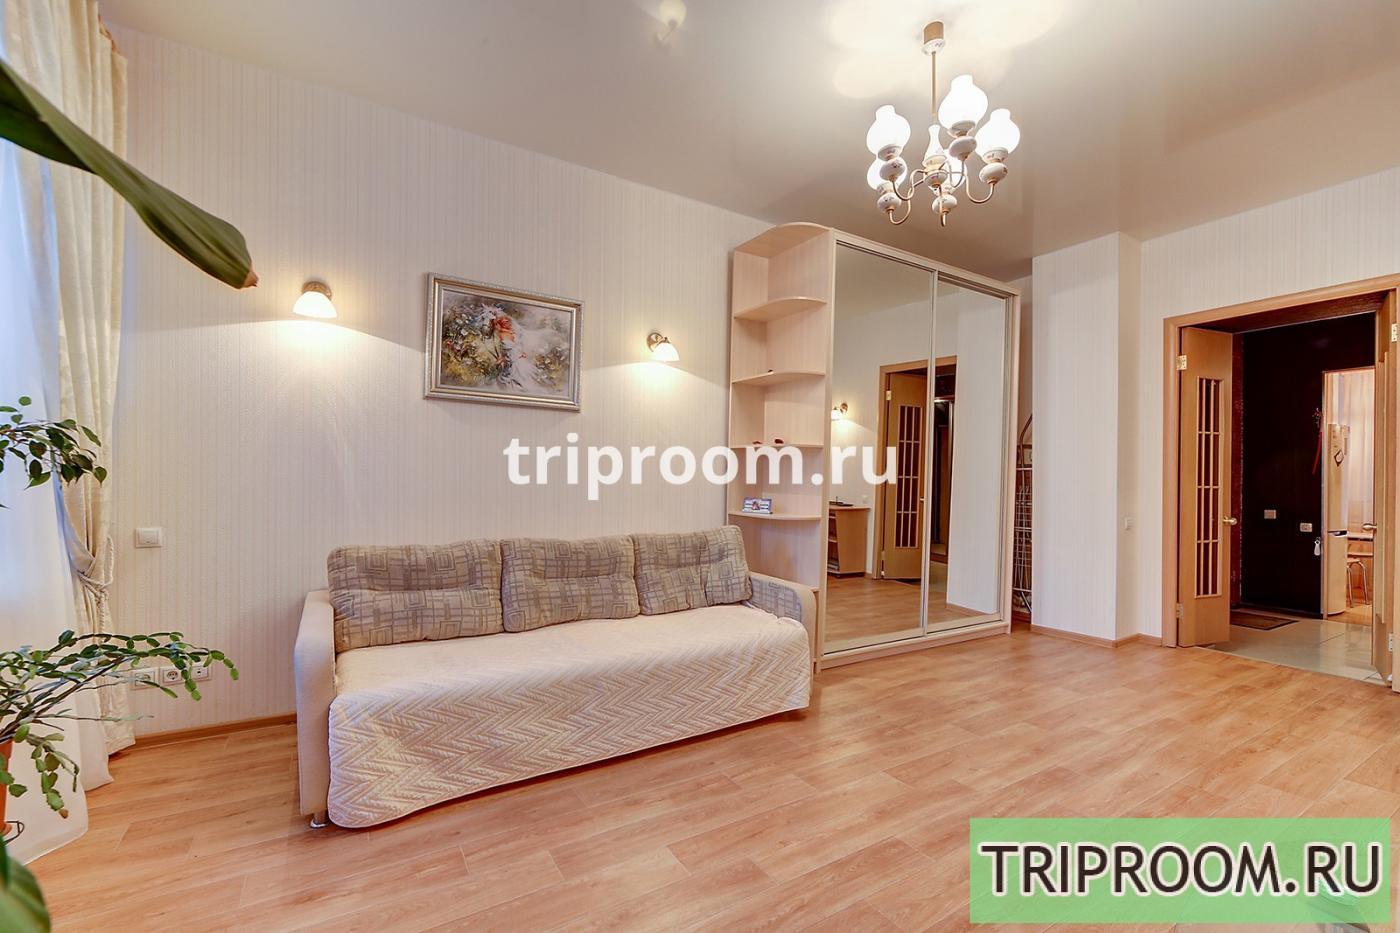 2-комнатная квартира посуточно (вариант № 15459), ул. Адмиралтейская набережная, фото № 2